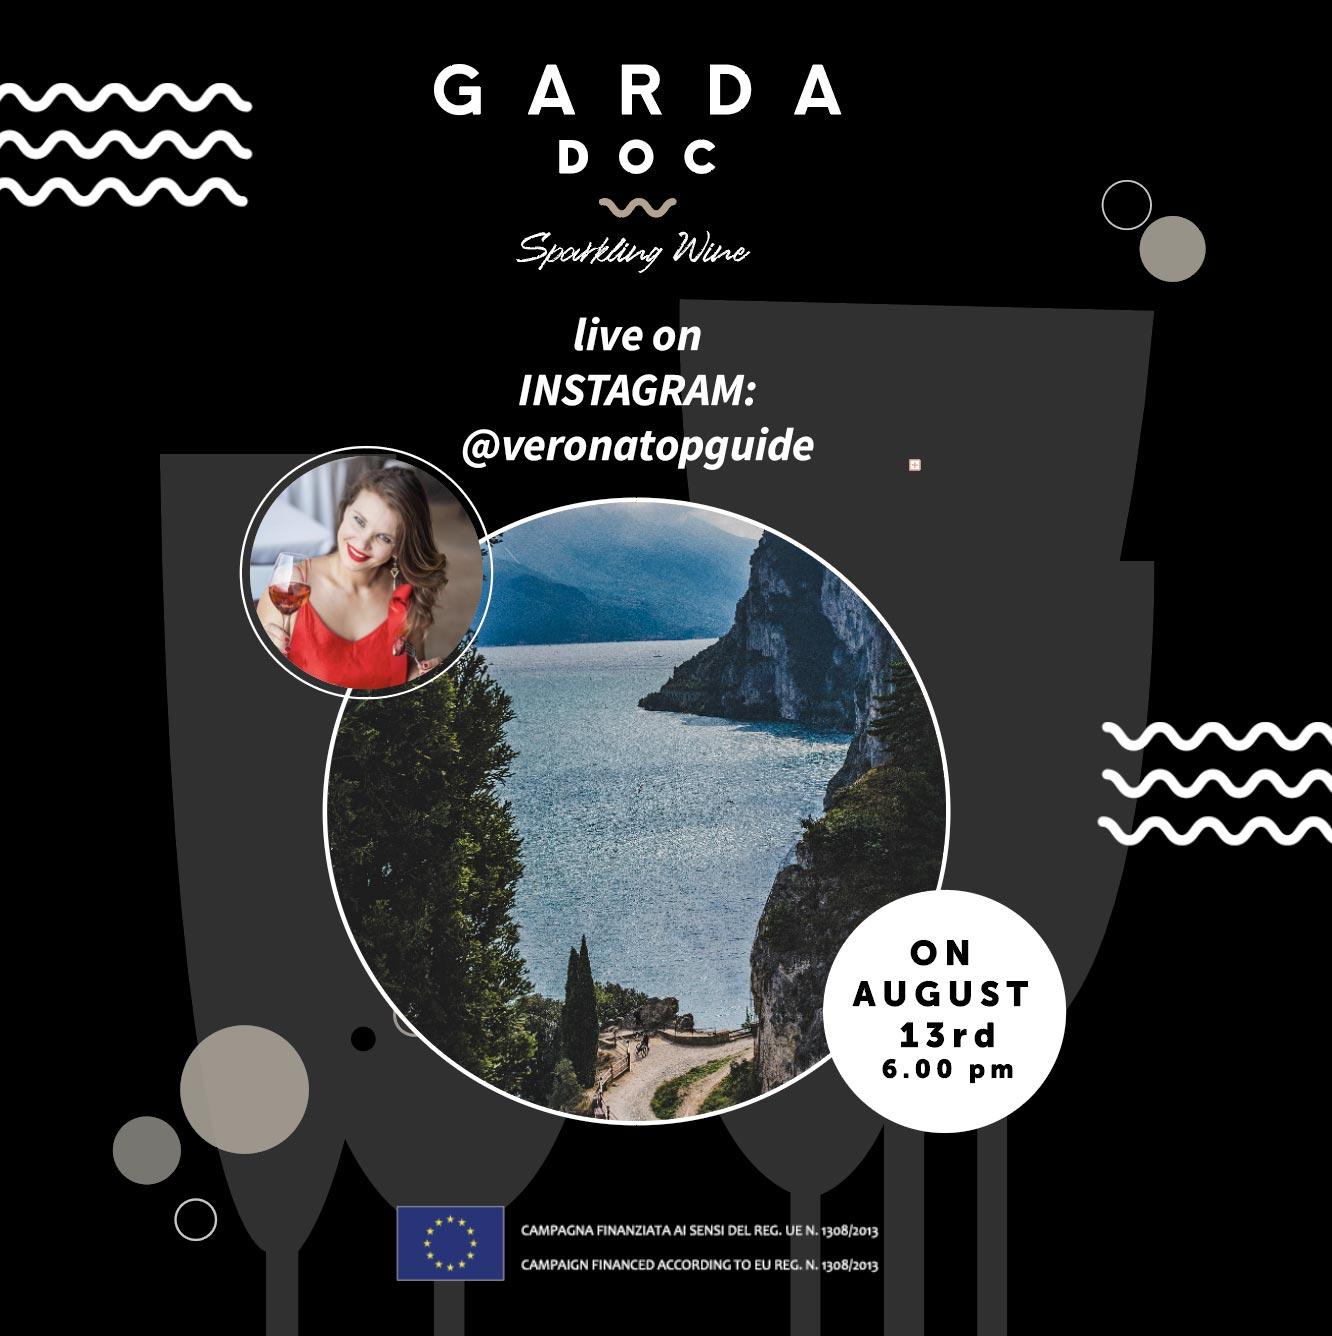 Garda doc live su instagram @veronatopguide 13 agosto 6.00 pm